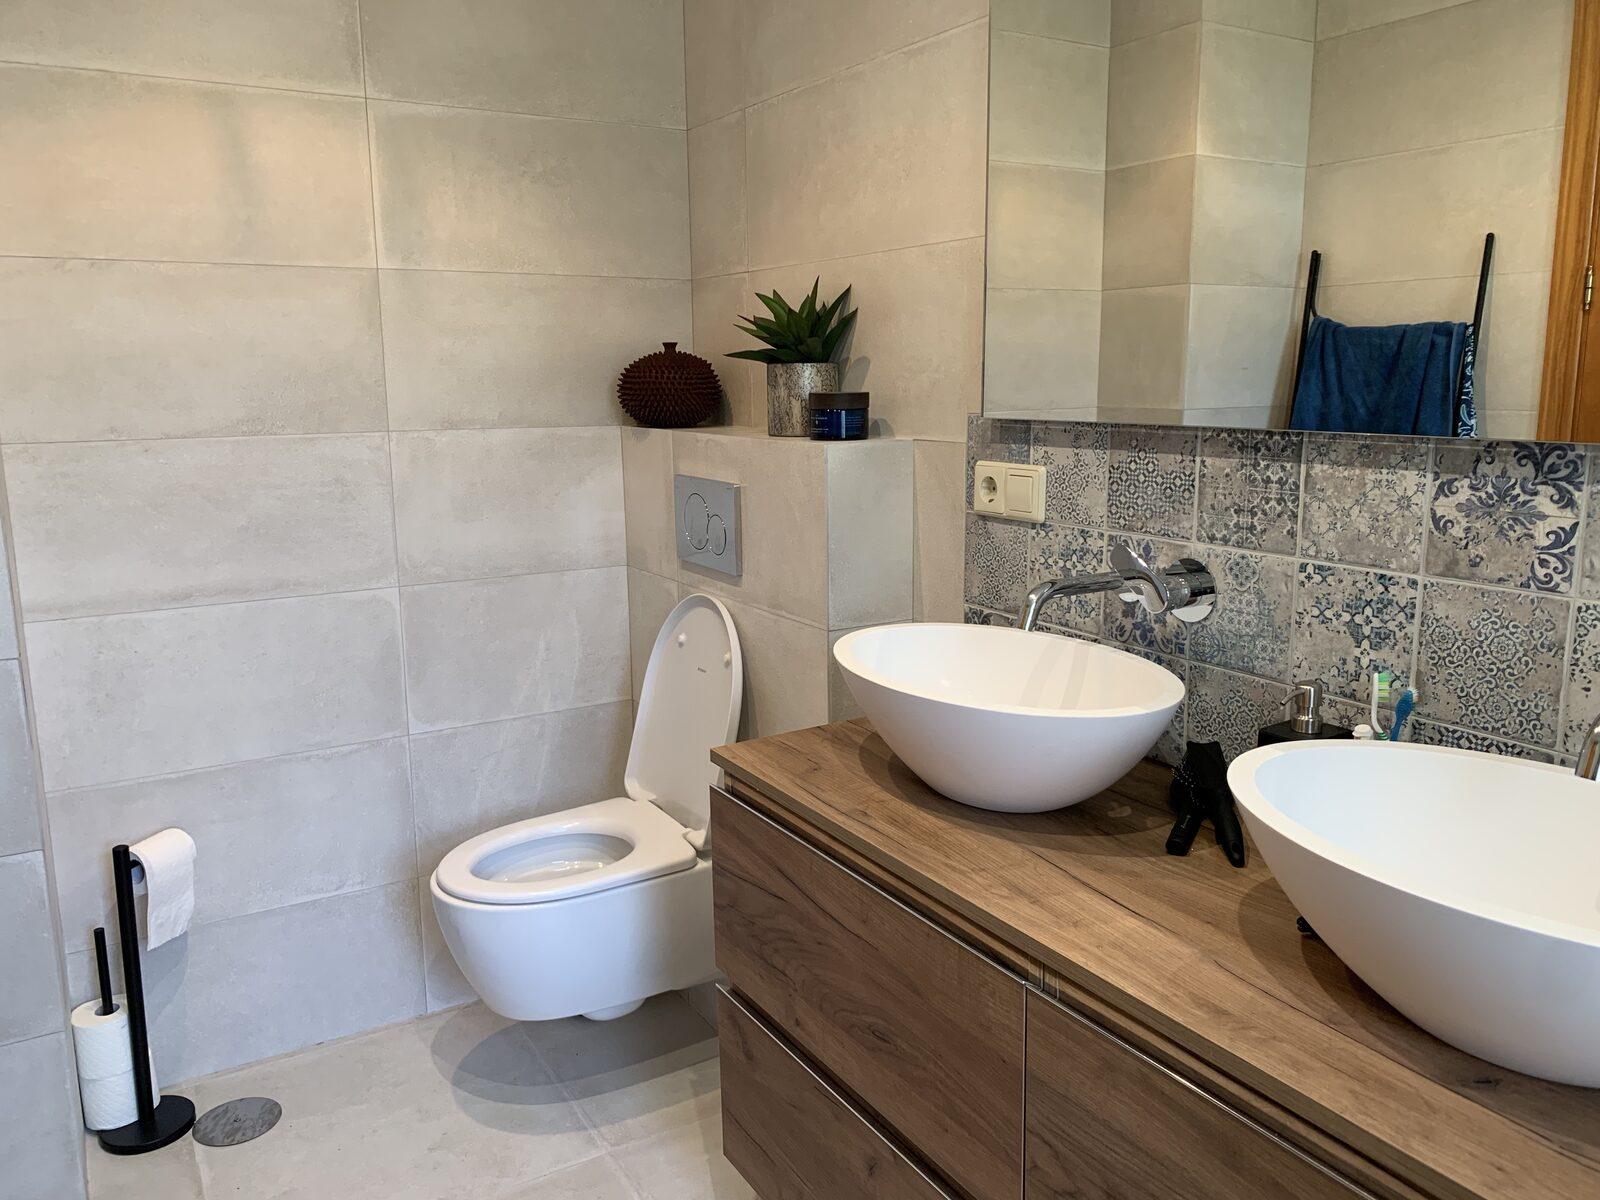 badkamer nieuw2